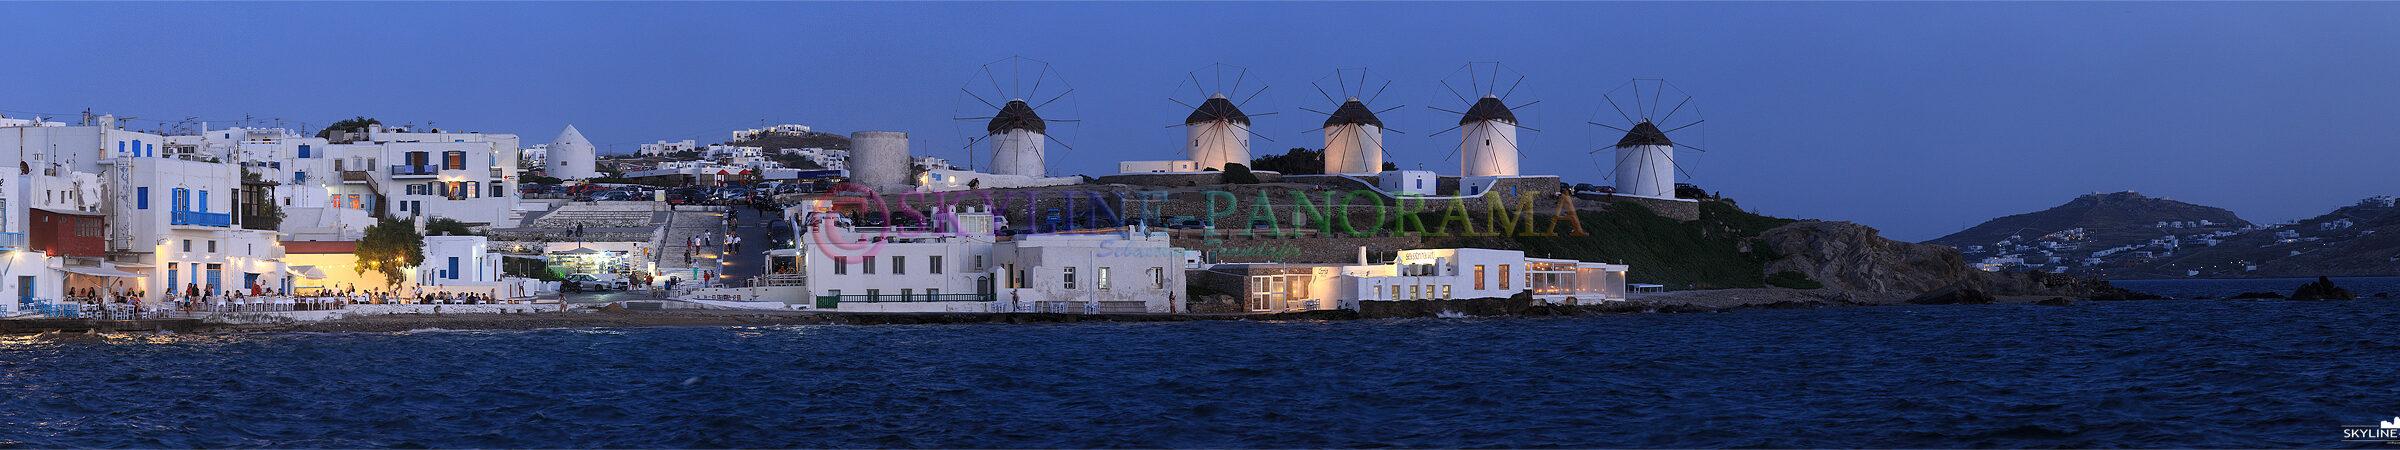 Die als Kato Myli bekannten 5 Windmühlen von Mykonos sind nach Sonnenuntergang zu sehen, Restaurants im Alefkandra Viertel bewirten ihre Gäste direkt am Wasser